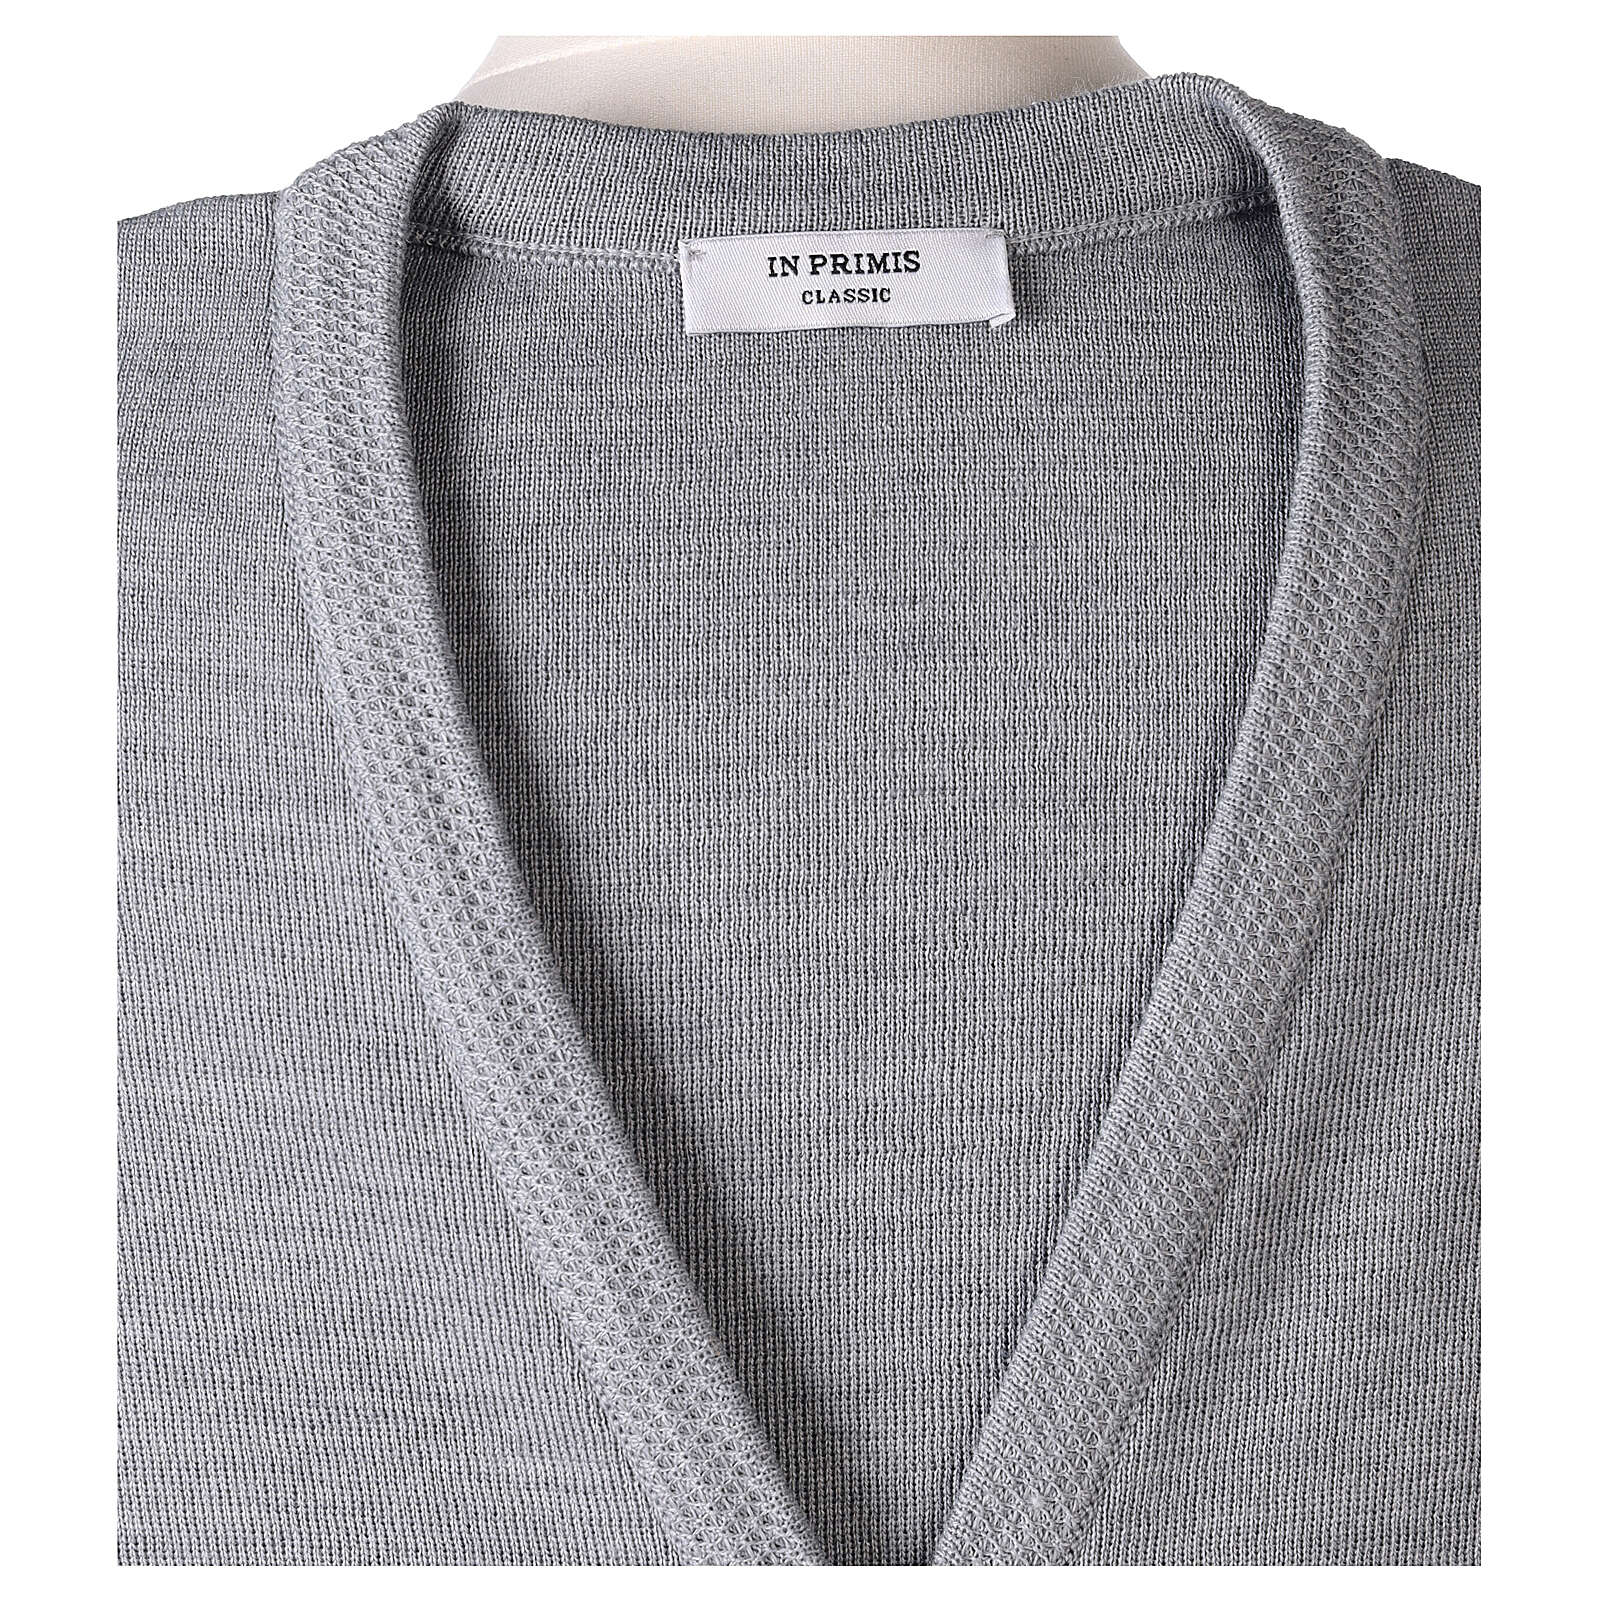 Chaleco gris perla monja con bolsillos cuello V 50% acrílico 50% lana merina In Primis 4